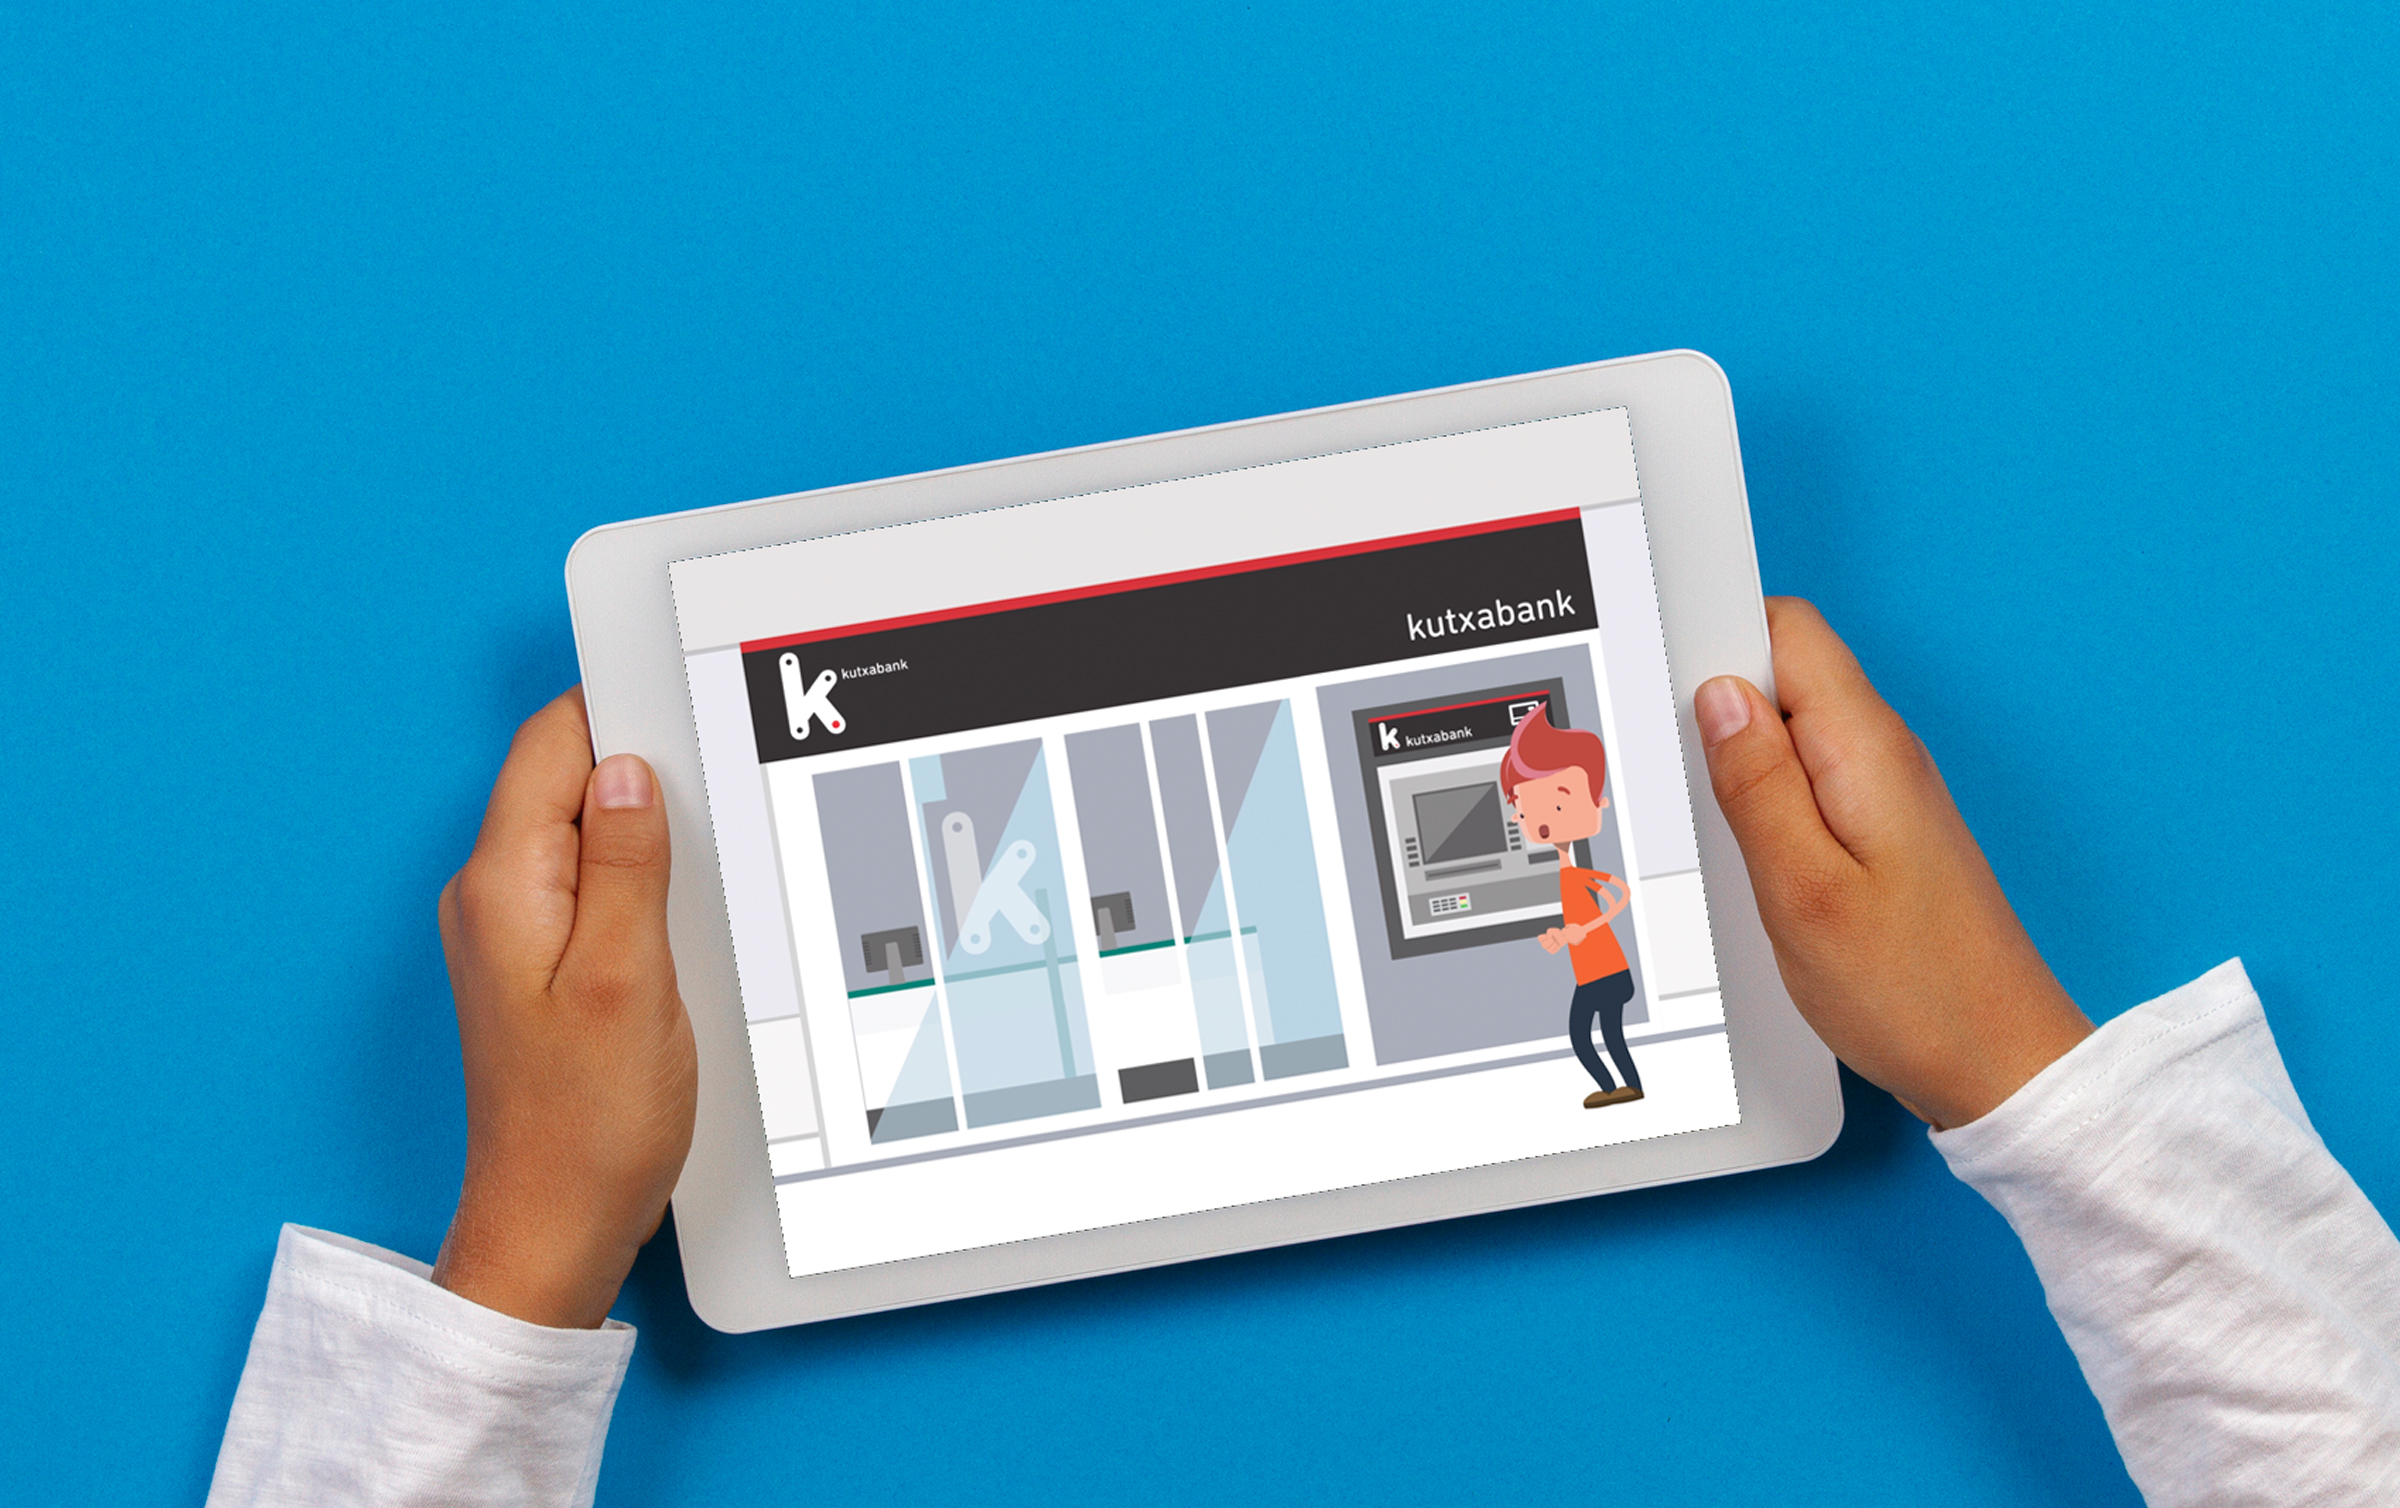 Kutxabank – Heziketa finantzieroari buruzko eskolako programaren bideo didaktikoak